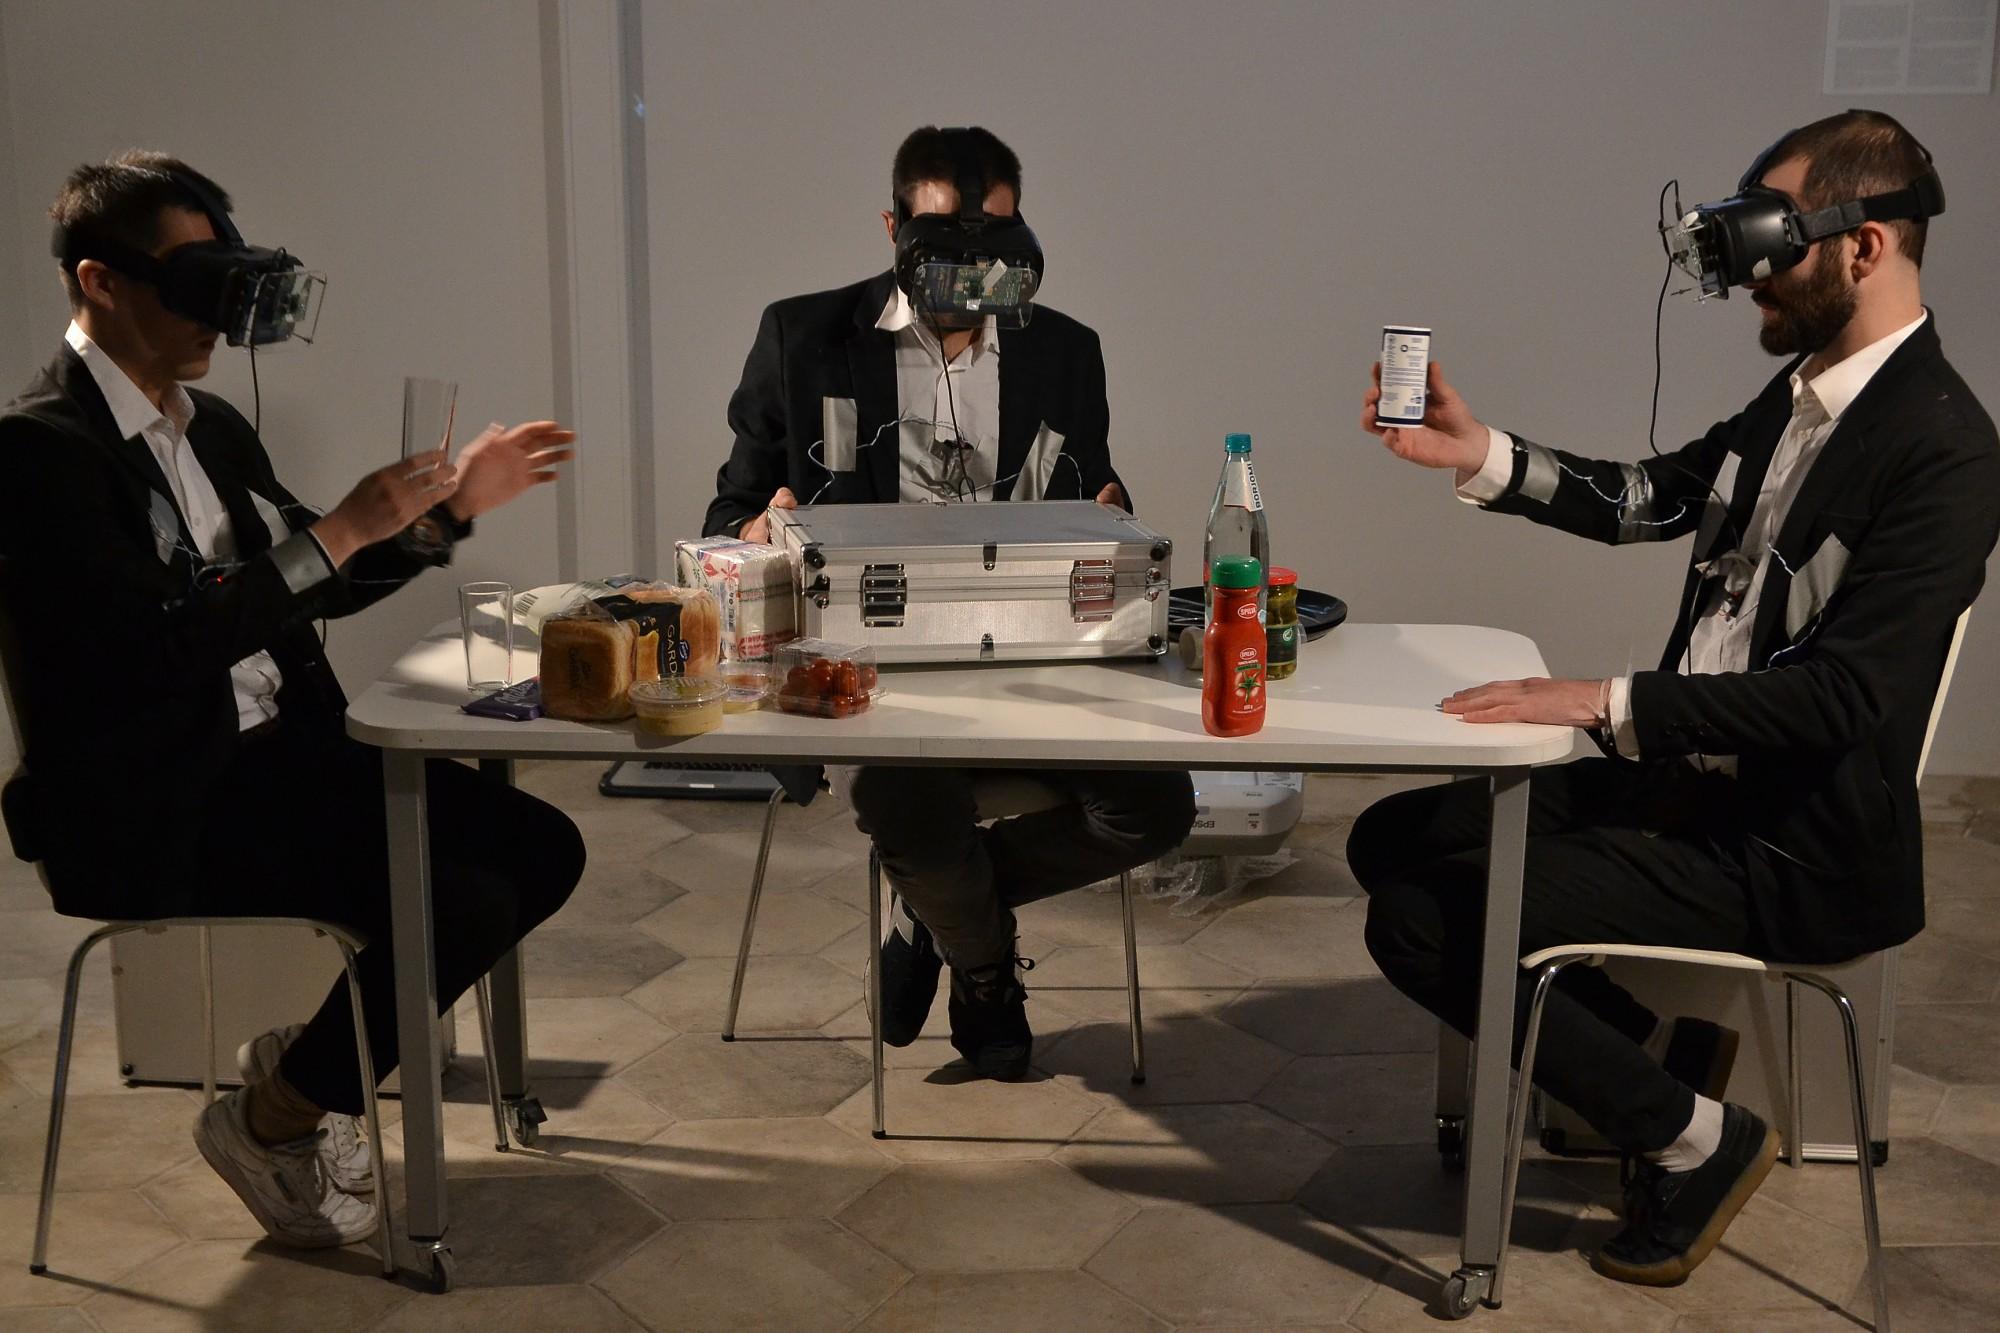 Starptautiskā digitālās mākslas izstādē pēta cilvēka, dabas un tehnoloģiju mijiedarbību